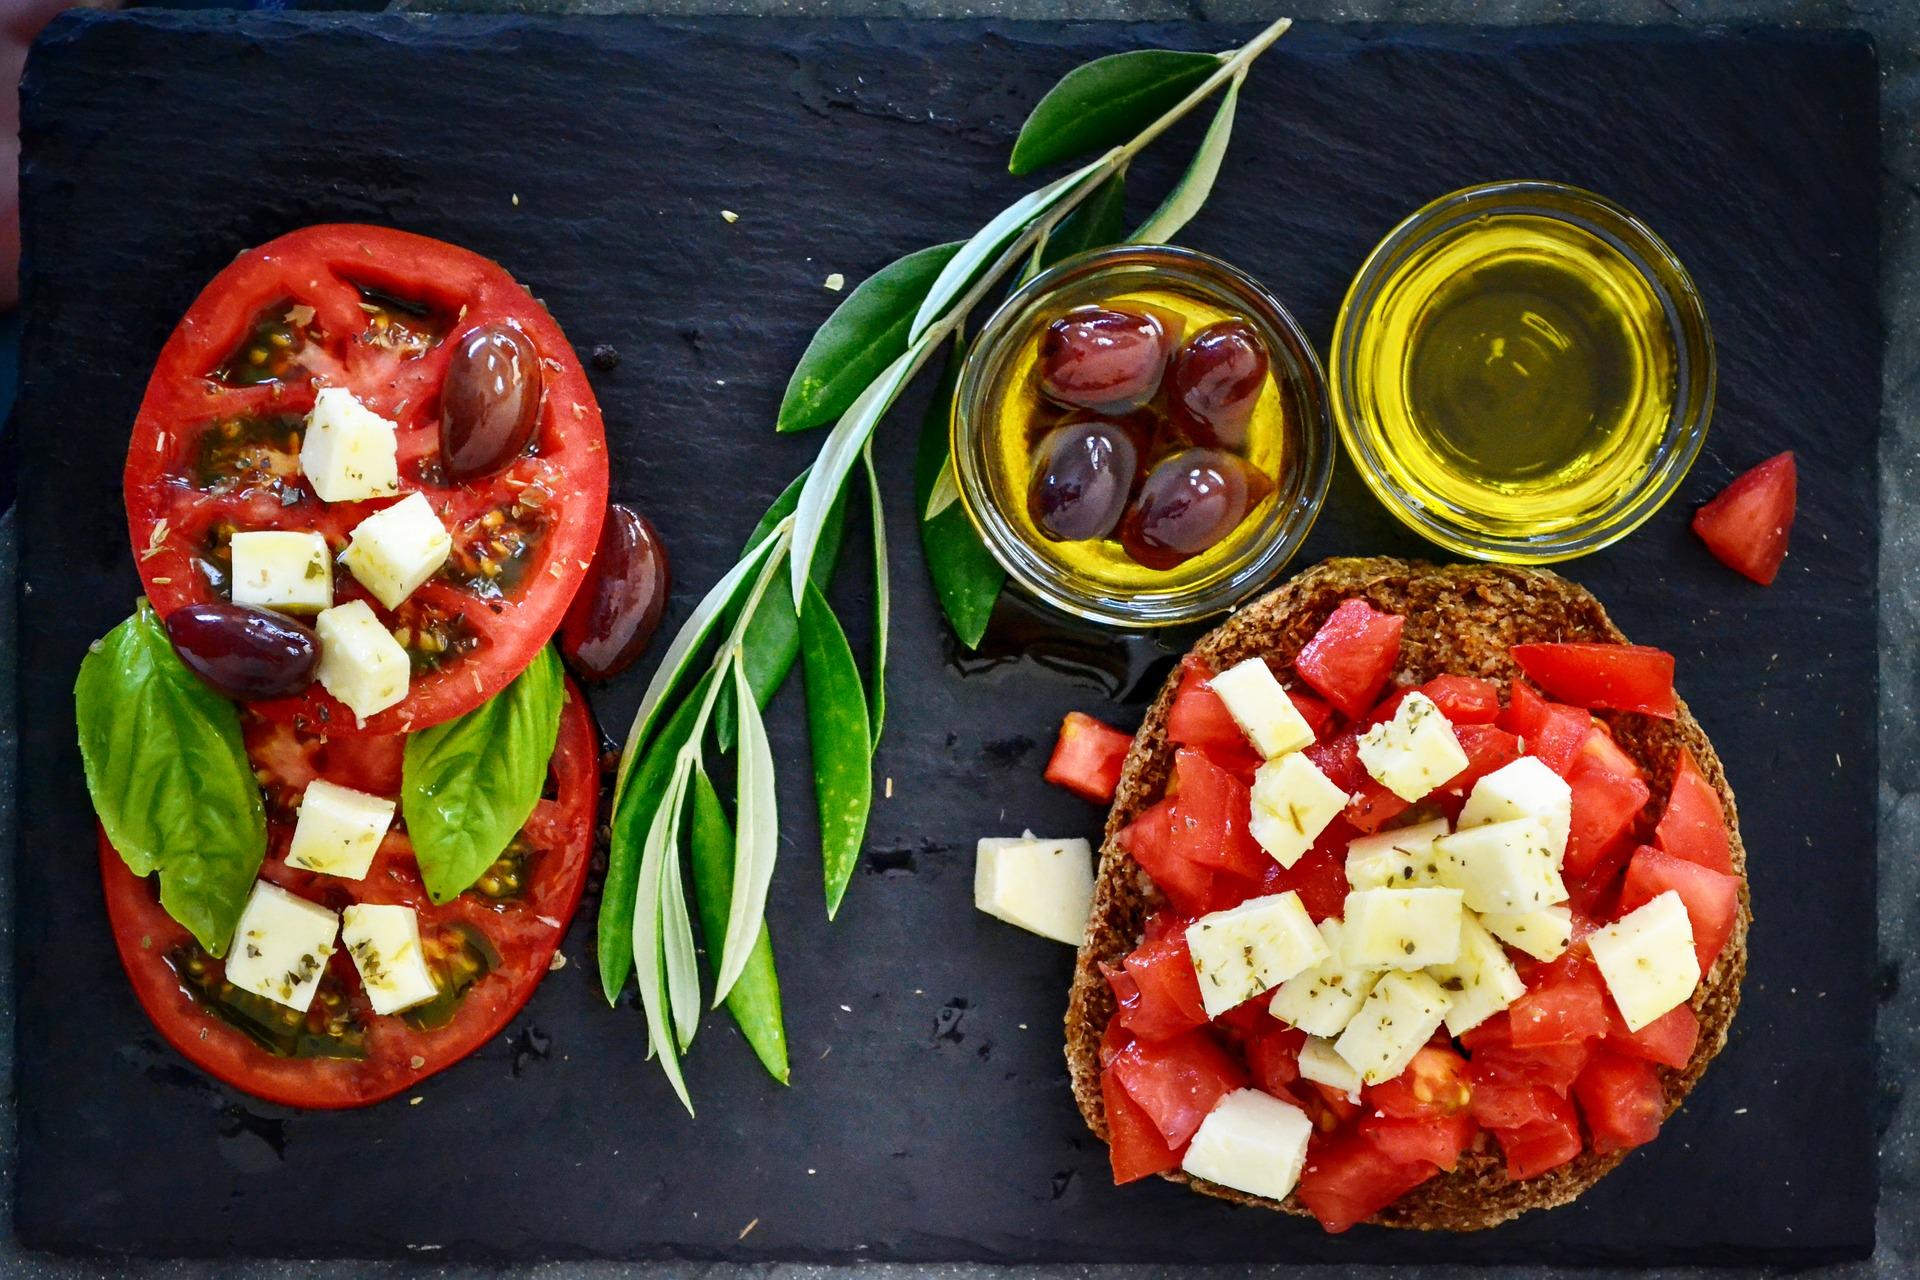 olio extravergine d'oliva dieta mediterranea